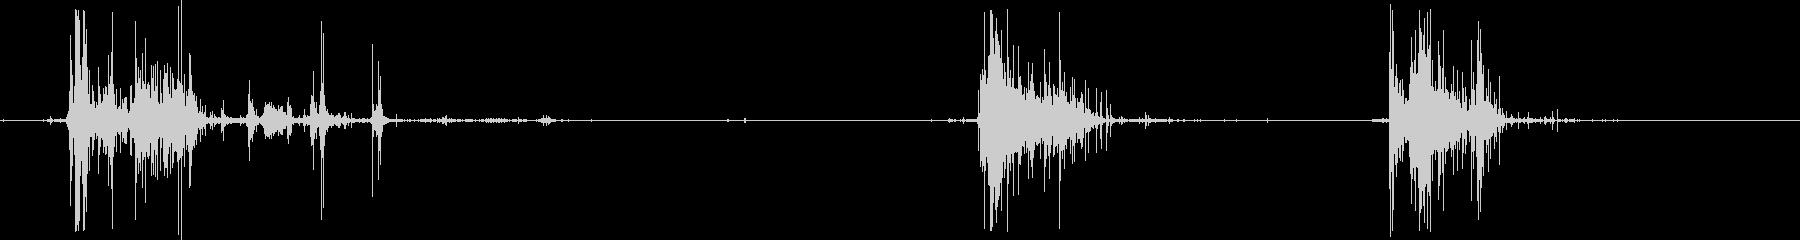 ミルクシェイクスプラッターが床に3...の未再生の波形